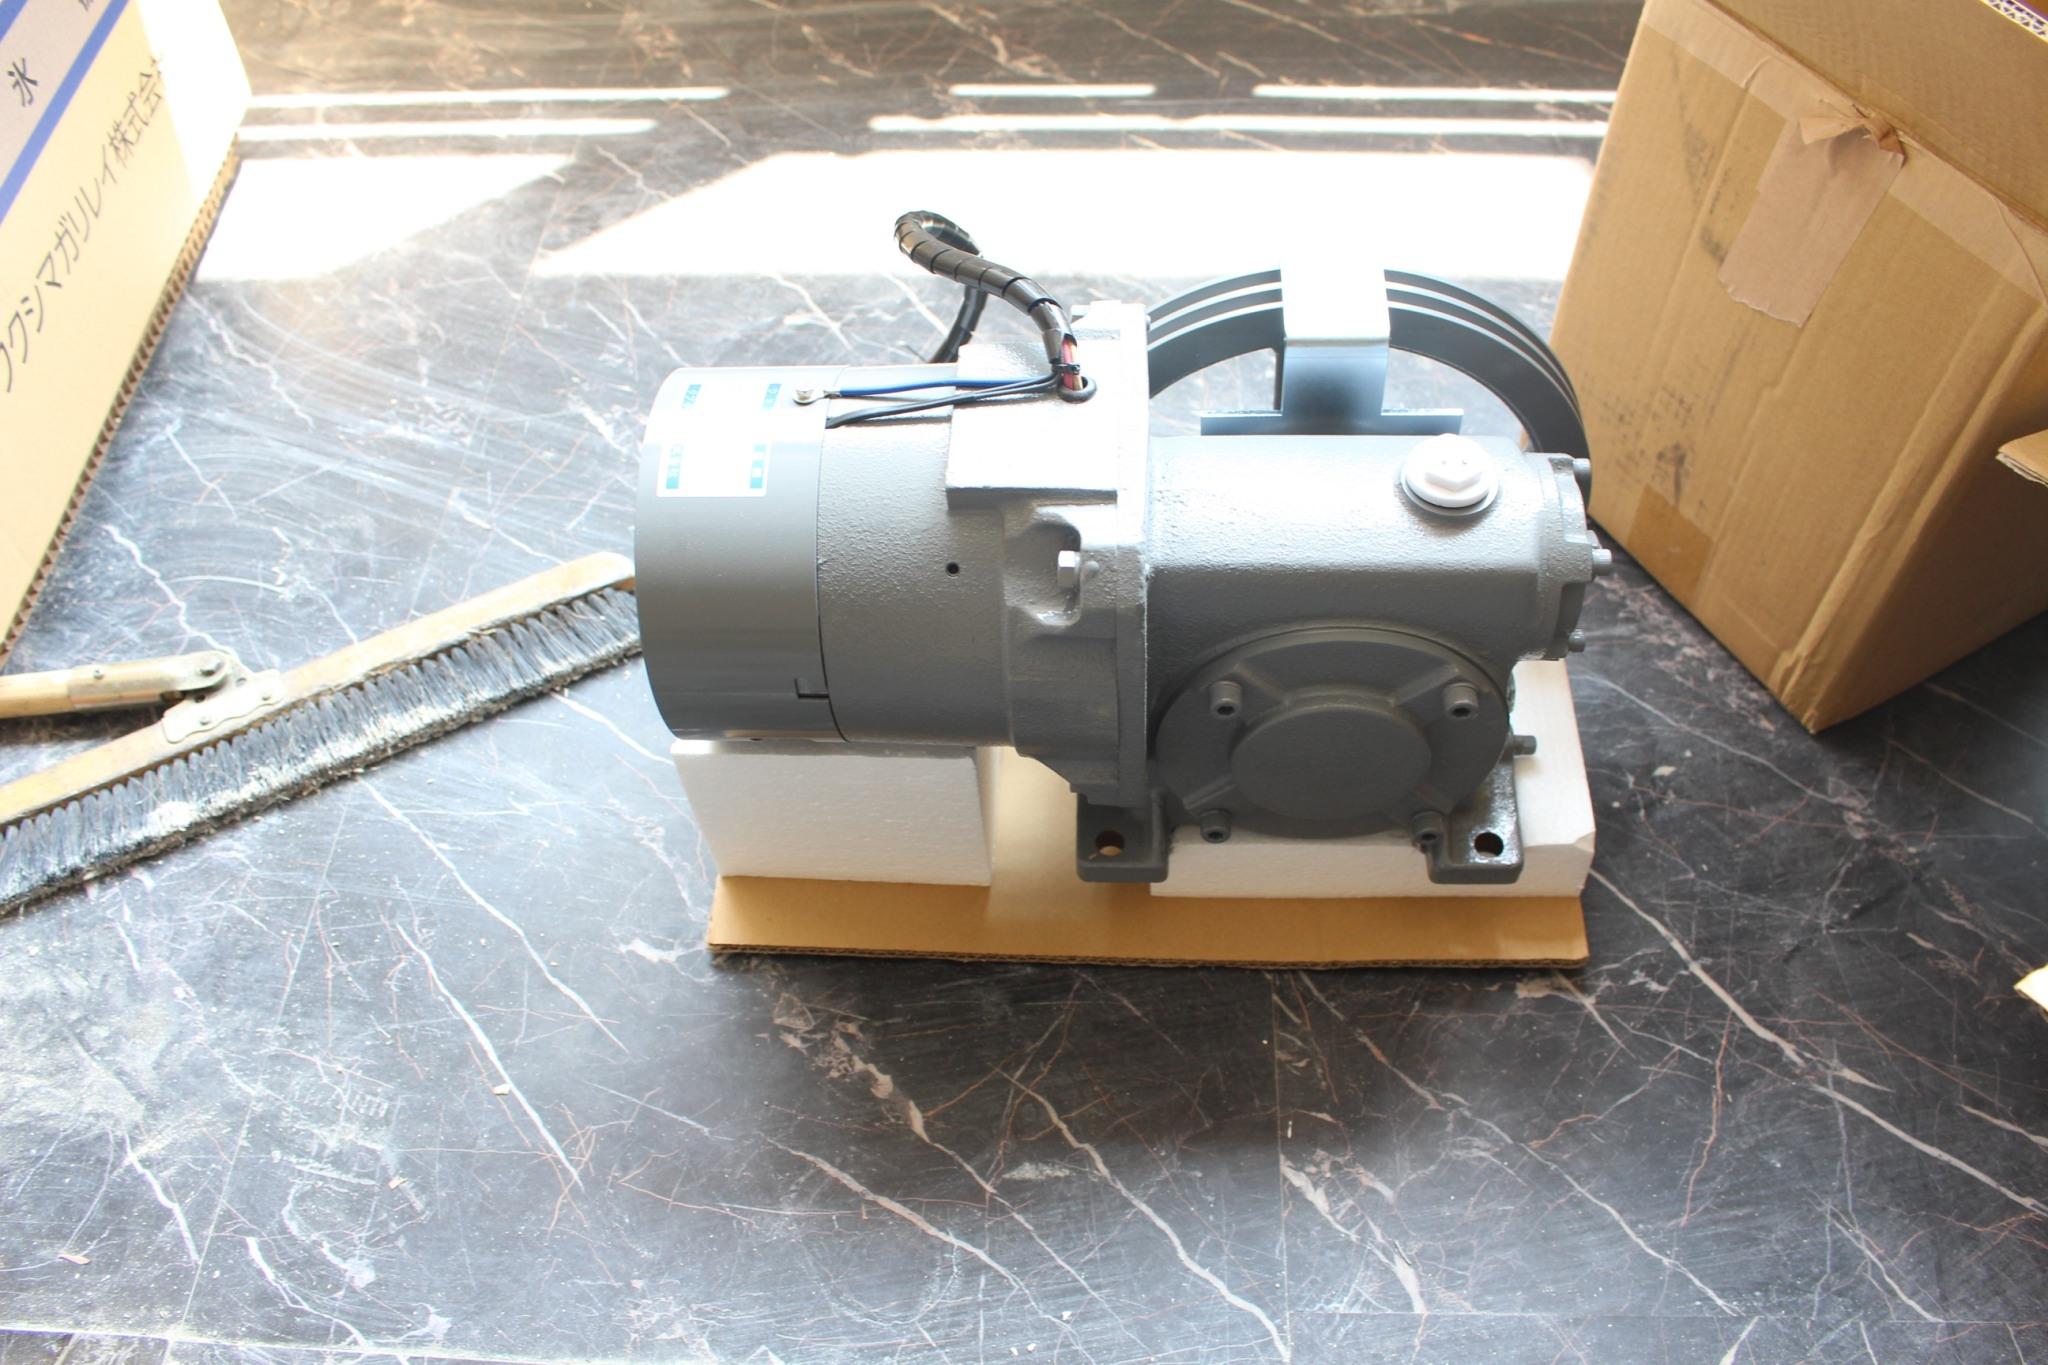 「巻上機」は、小荷物専用昇降機のカゴを巻き上げる際に利用する装置です